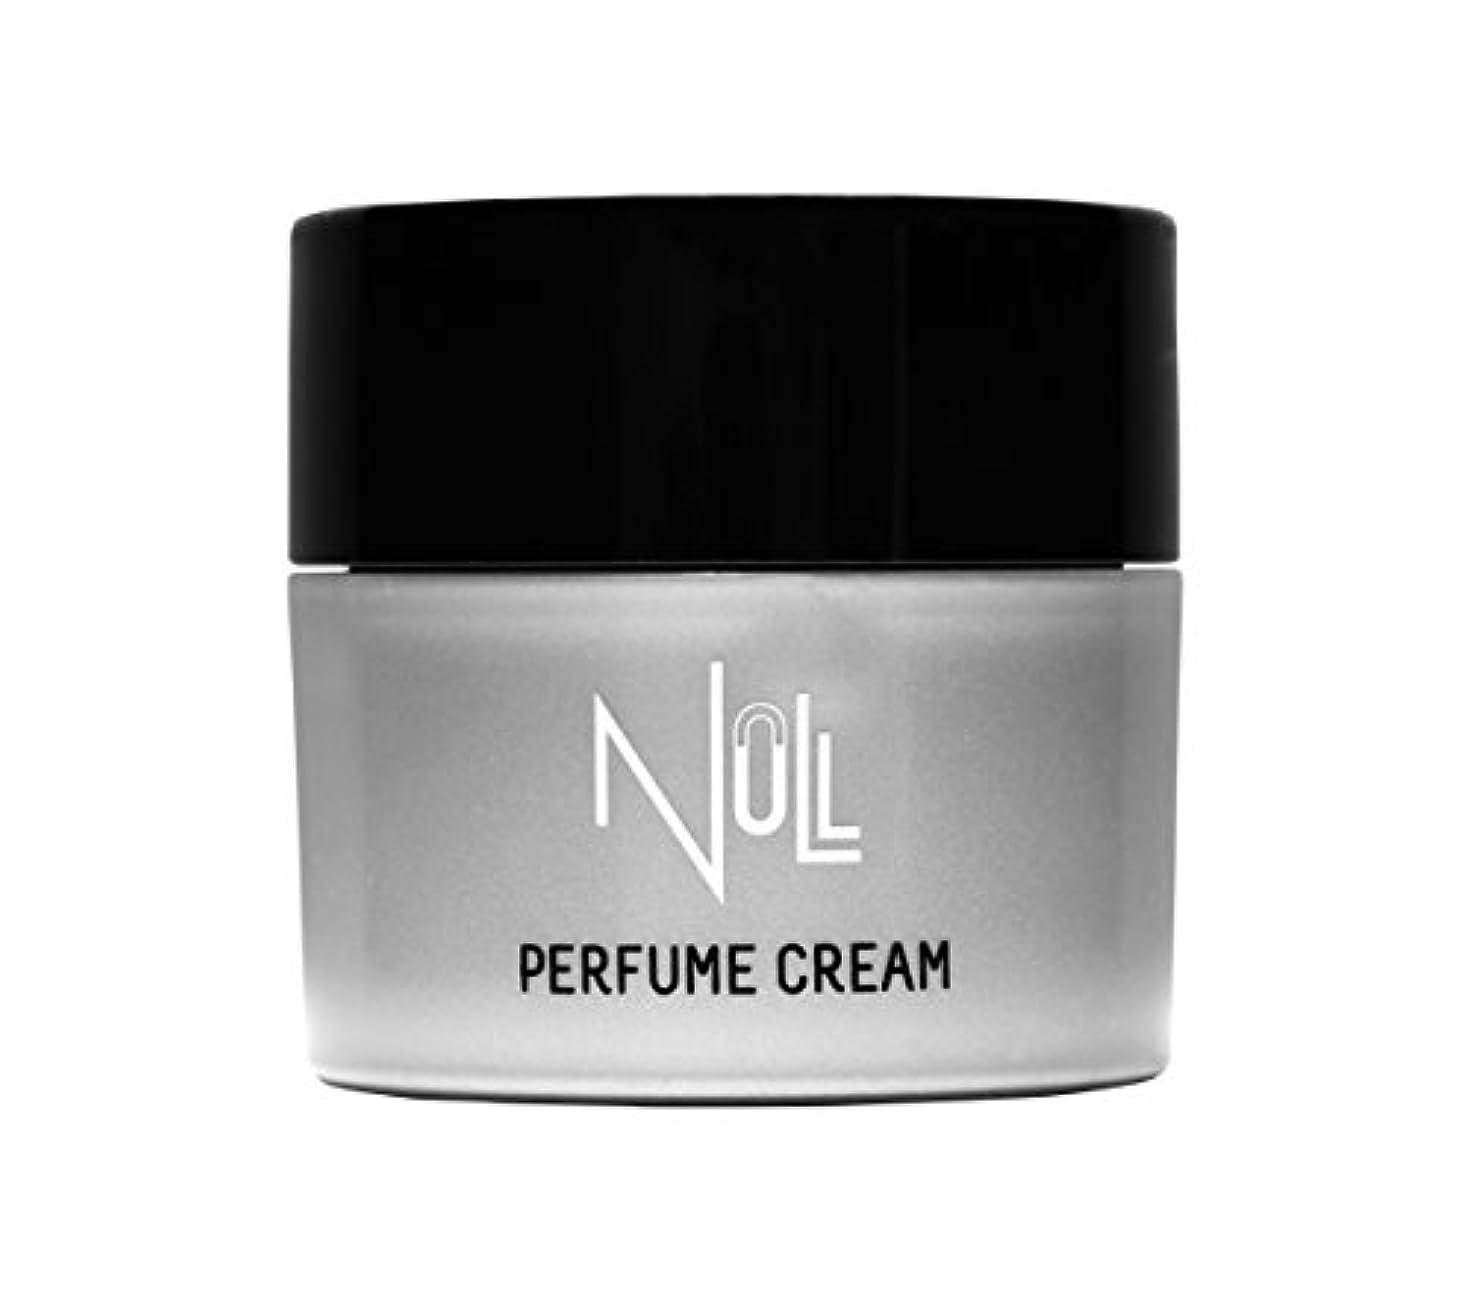 タイプライター安定した核NULL 練り香水 メンズ 【さりげなく良い香りを漂わせたい方へオススメ-シトラスムスクの香り】パヒュームクリーム 練香水 香水 香水クリーム ボディクリーム 30g